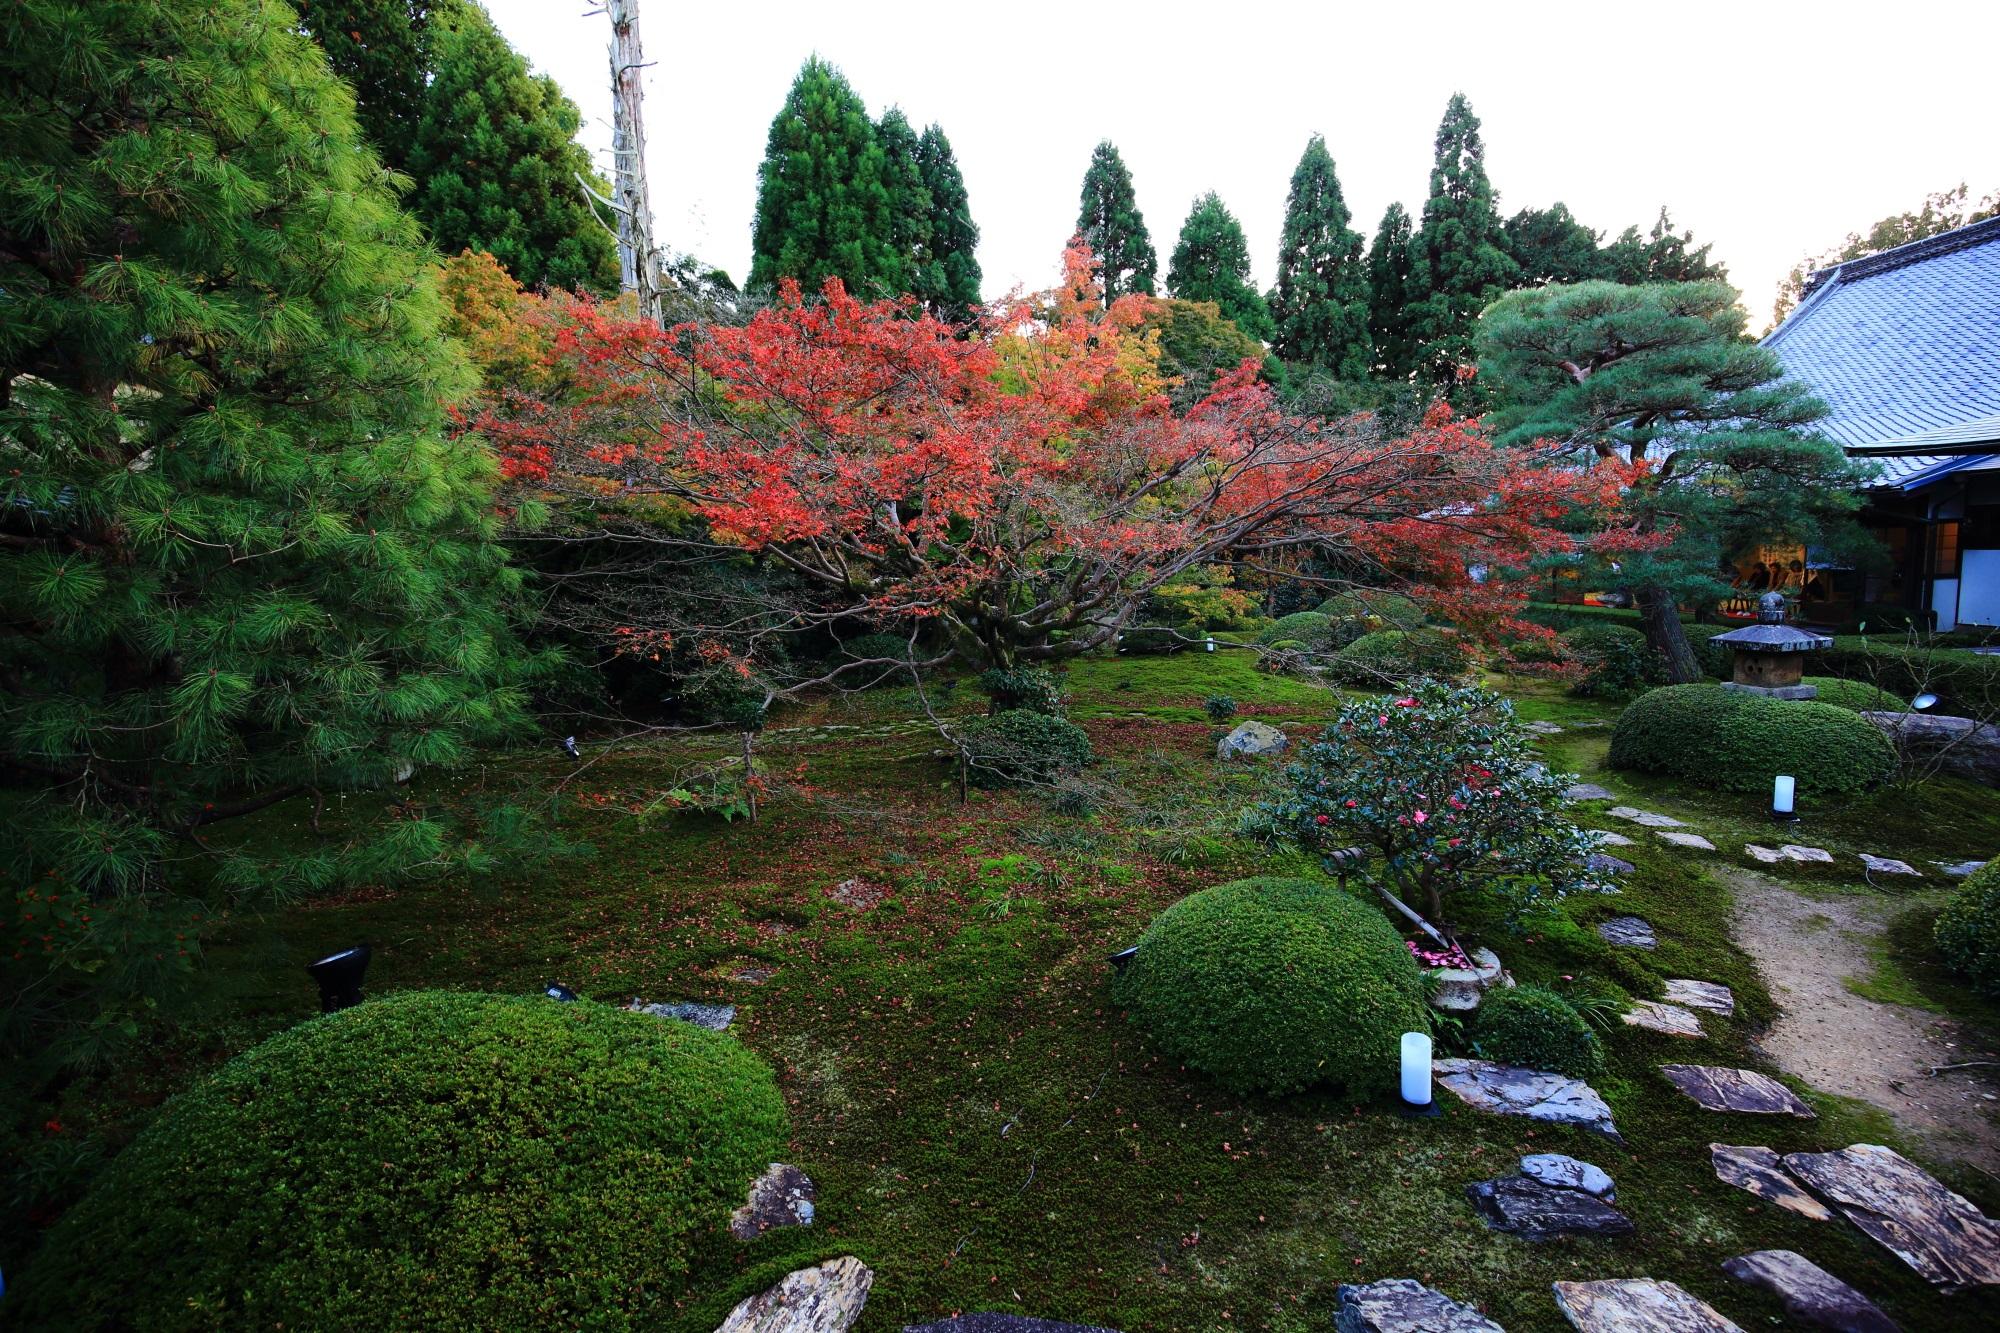 泉涌寺別院の雲龍院の中庭の紅葉